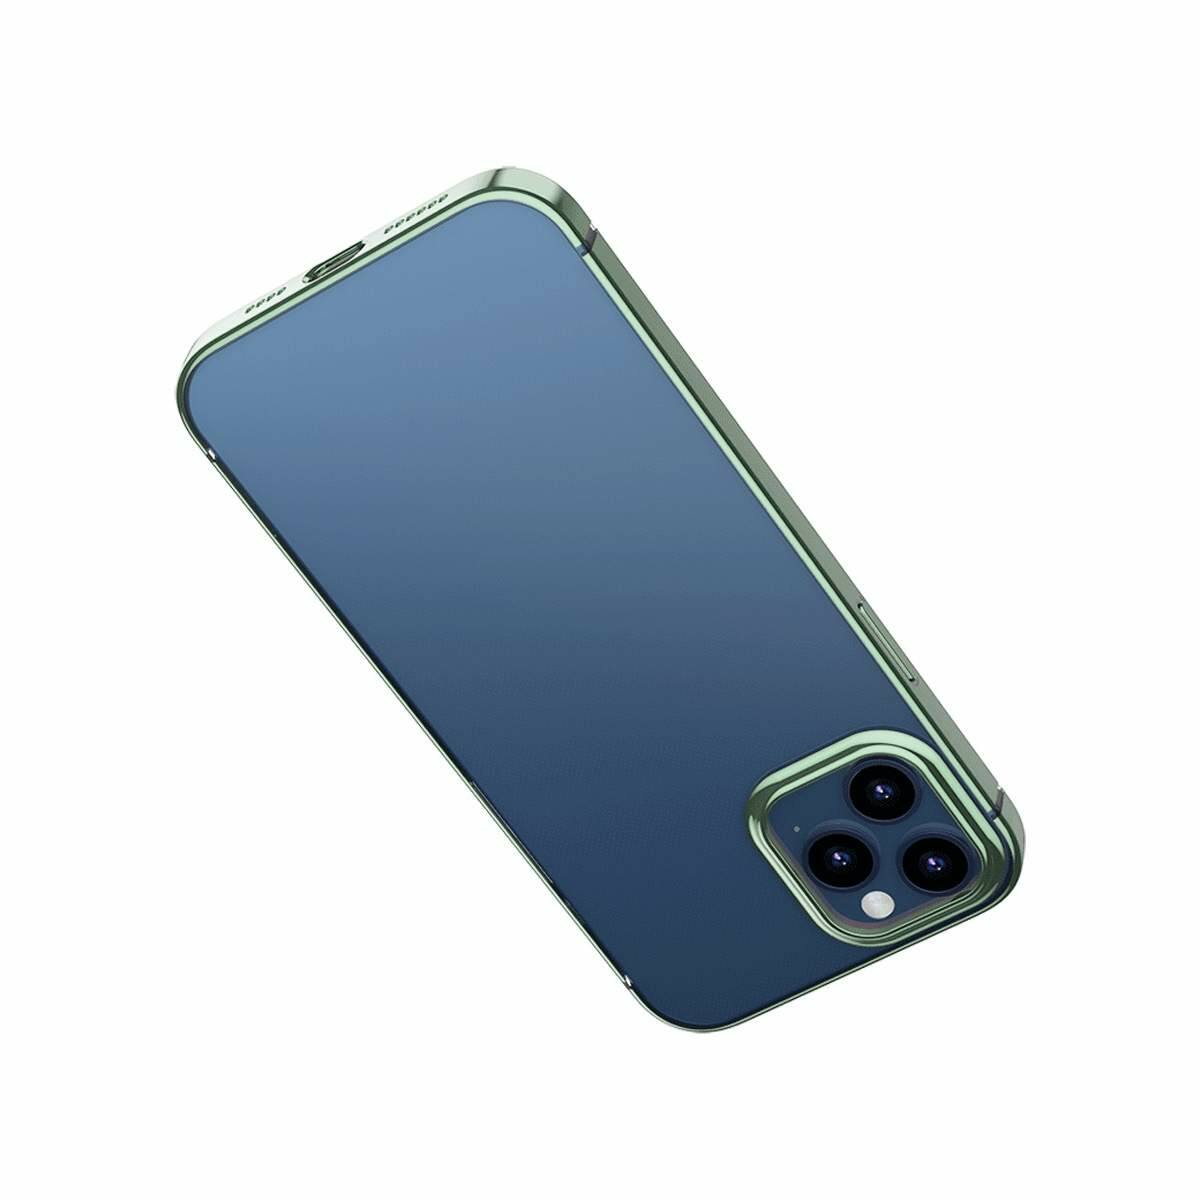 Baseus iPhone 12/12 Pro tok, Shining (esés védelemmel), zöld (ARAPIPH61P-MD06)